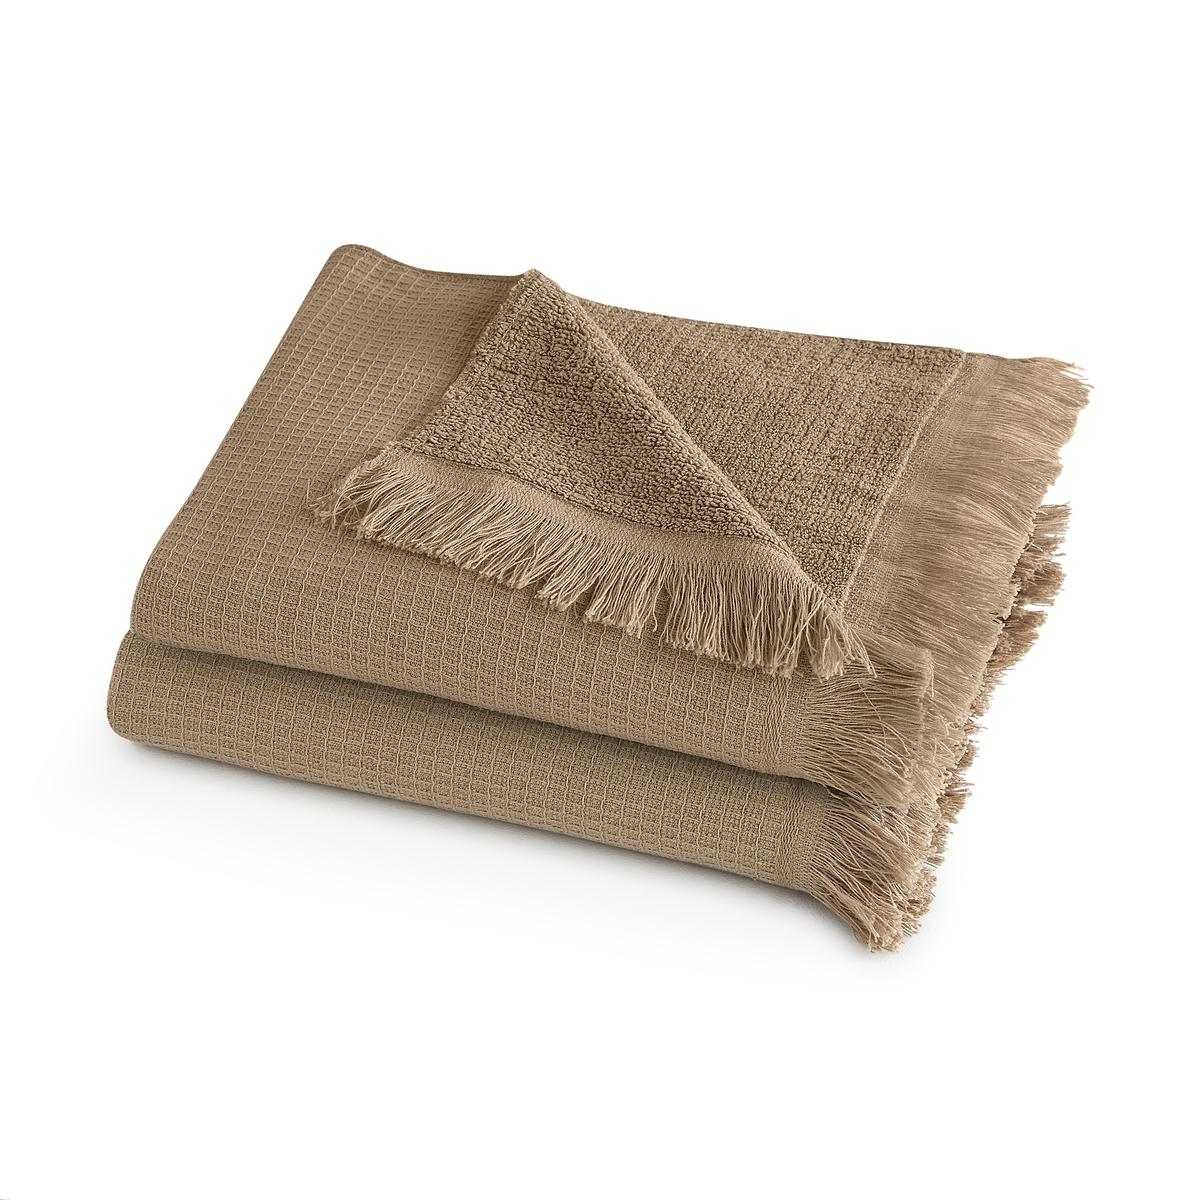 Комплект из полотенце для La Redoute Рук хлопка и льна Nipaly 50 x 100 см каштановый